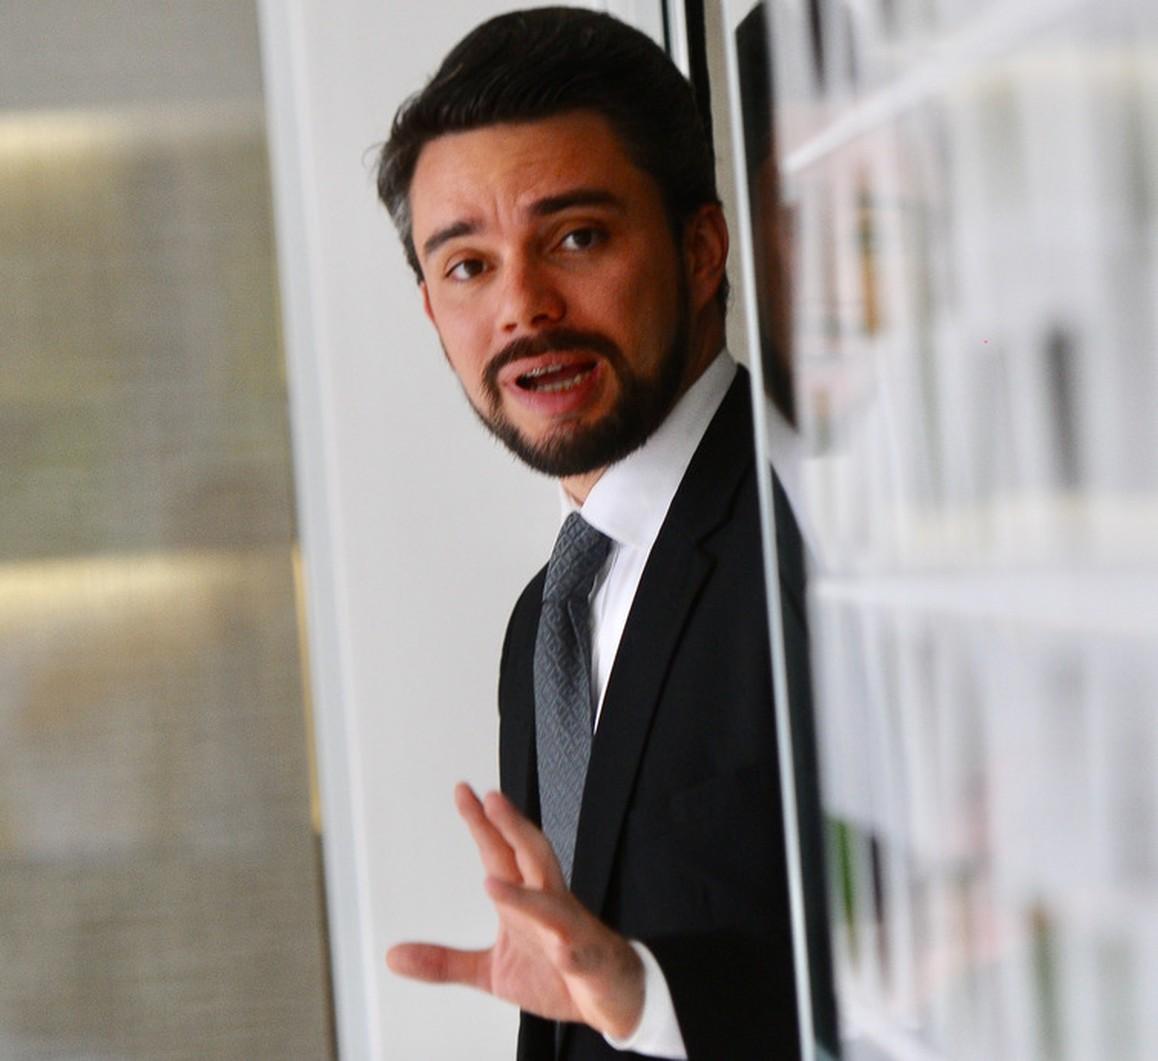 Ministros do STF julgarão multa de compensação tributária e guerra fiscal